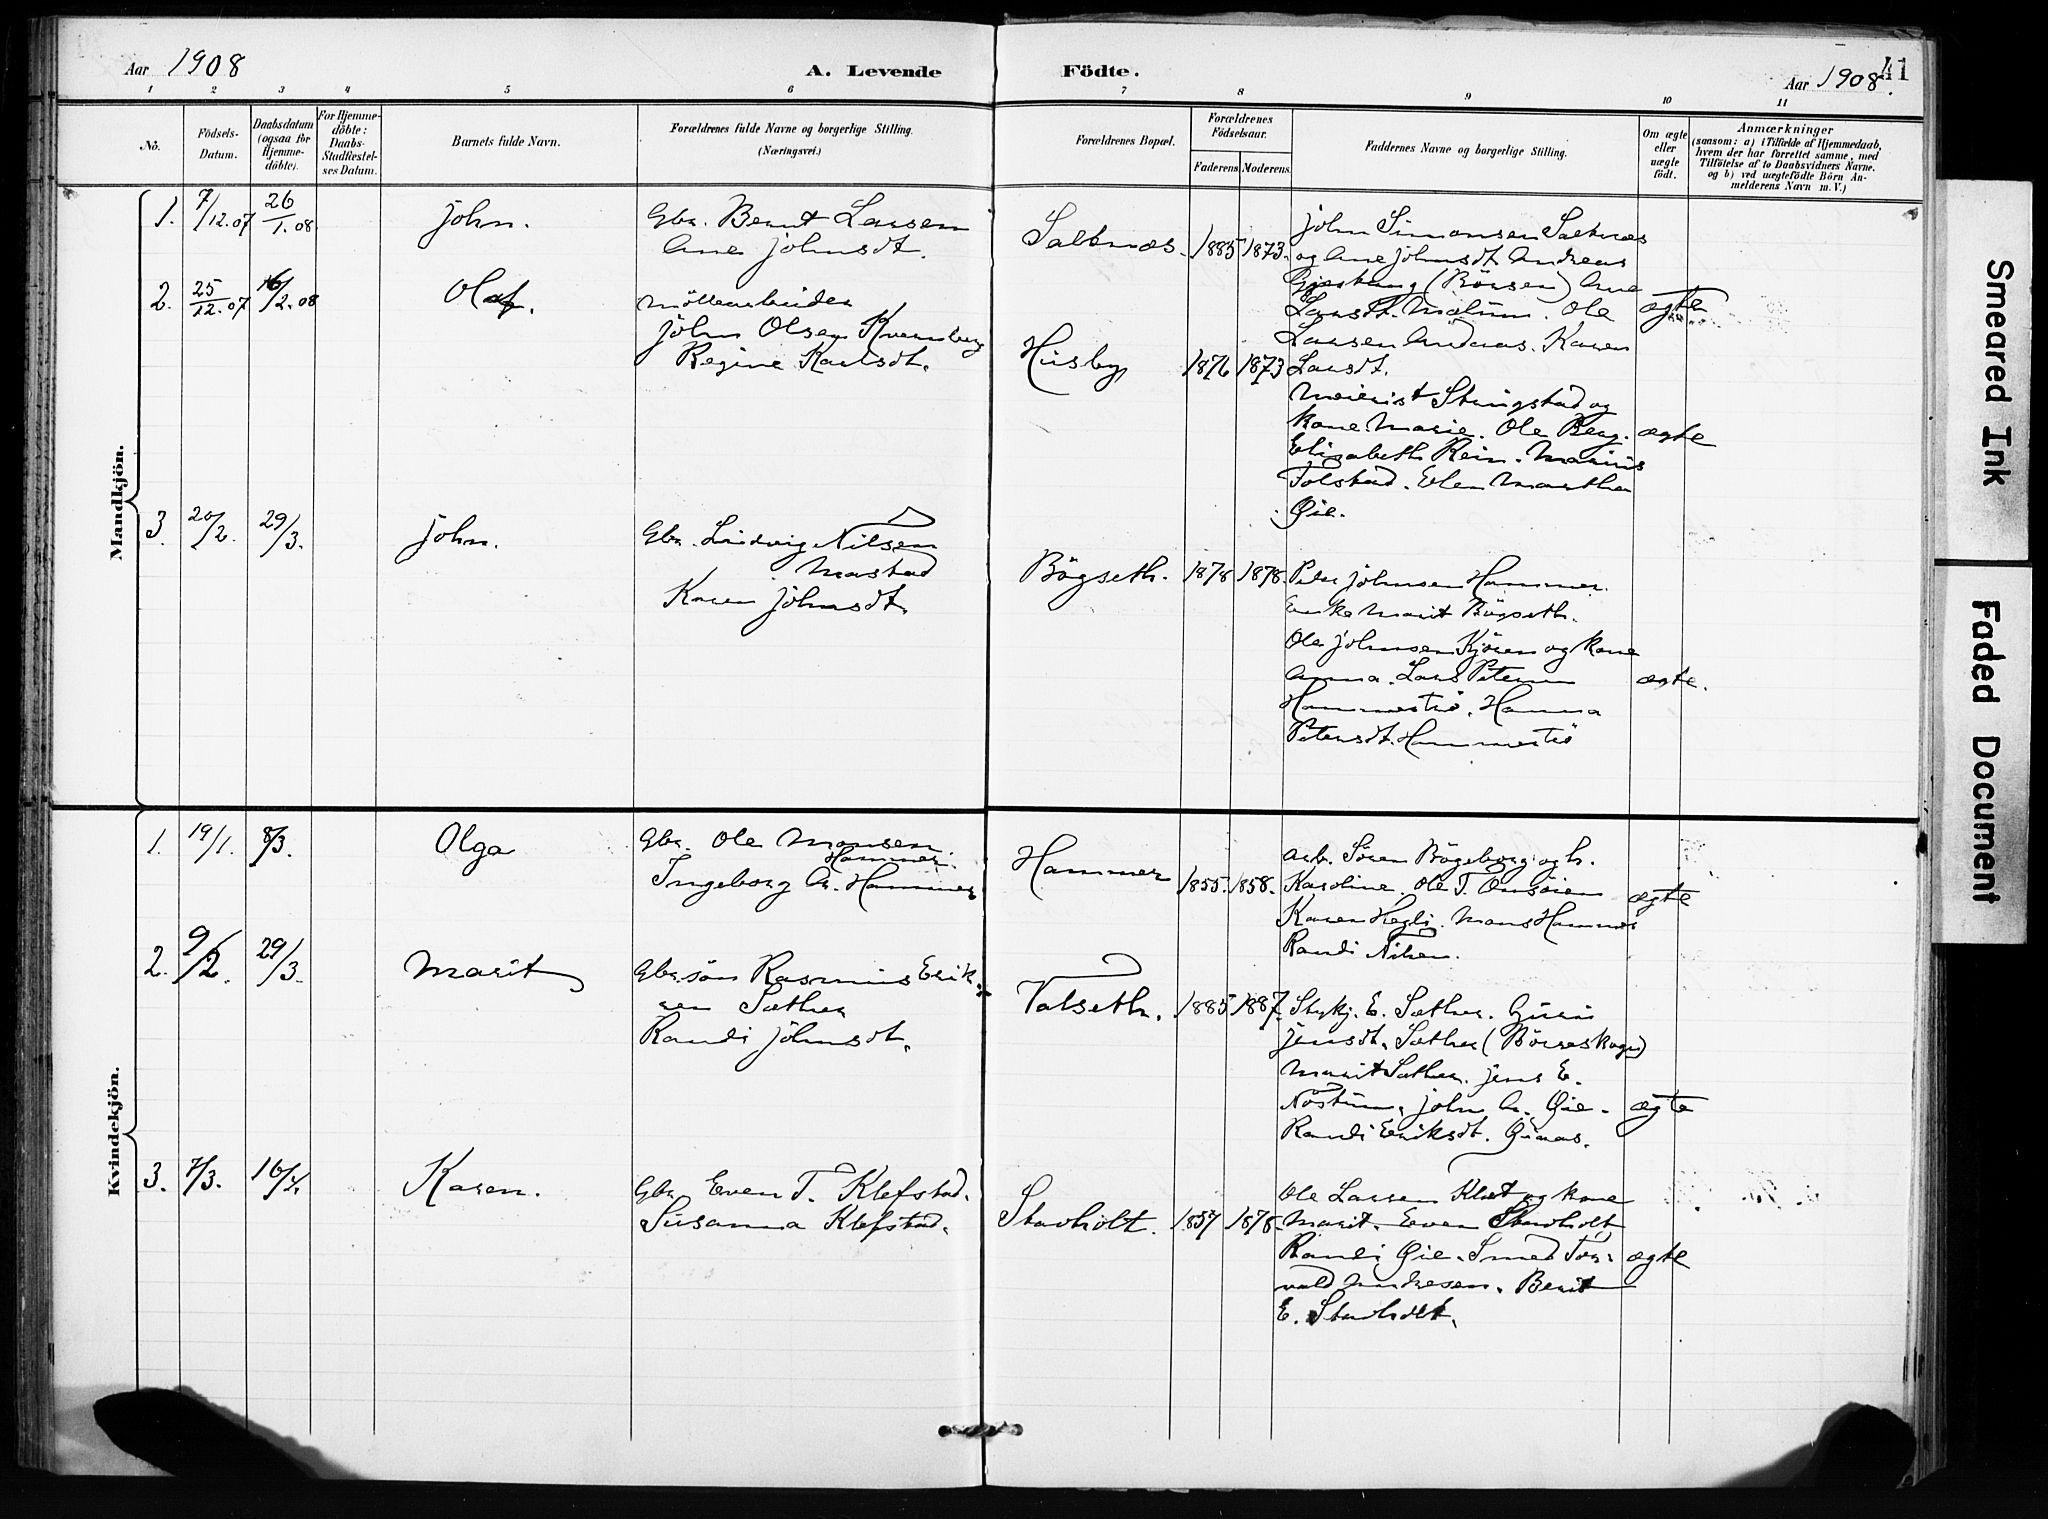 SAT, Ministerialprotokoller, klokkerbøker og fødselsregistre - Sør-Trøndelag, 666/L0787: Ministerialbok nr. 666A05, 1895-1908, s. 41